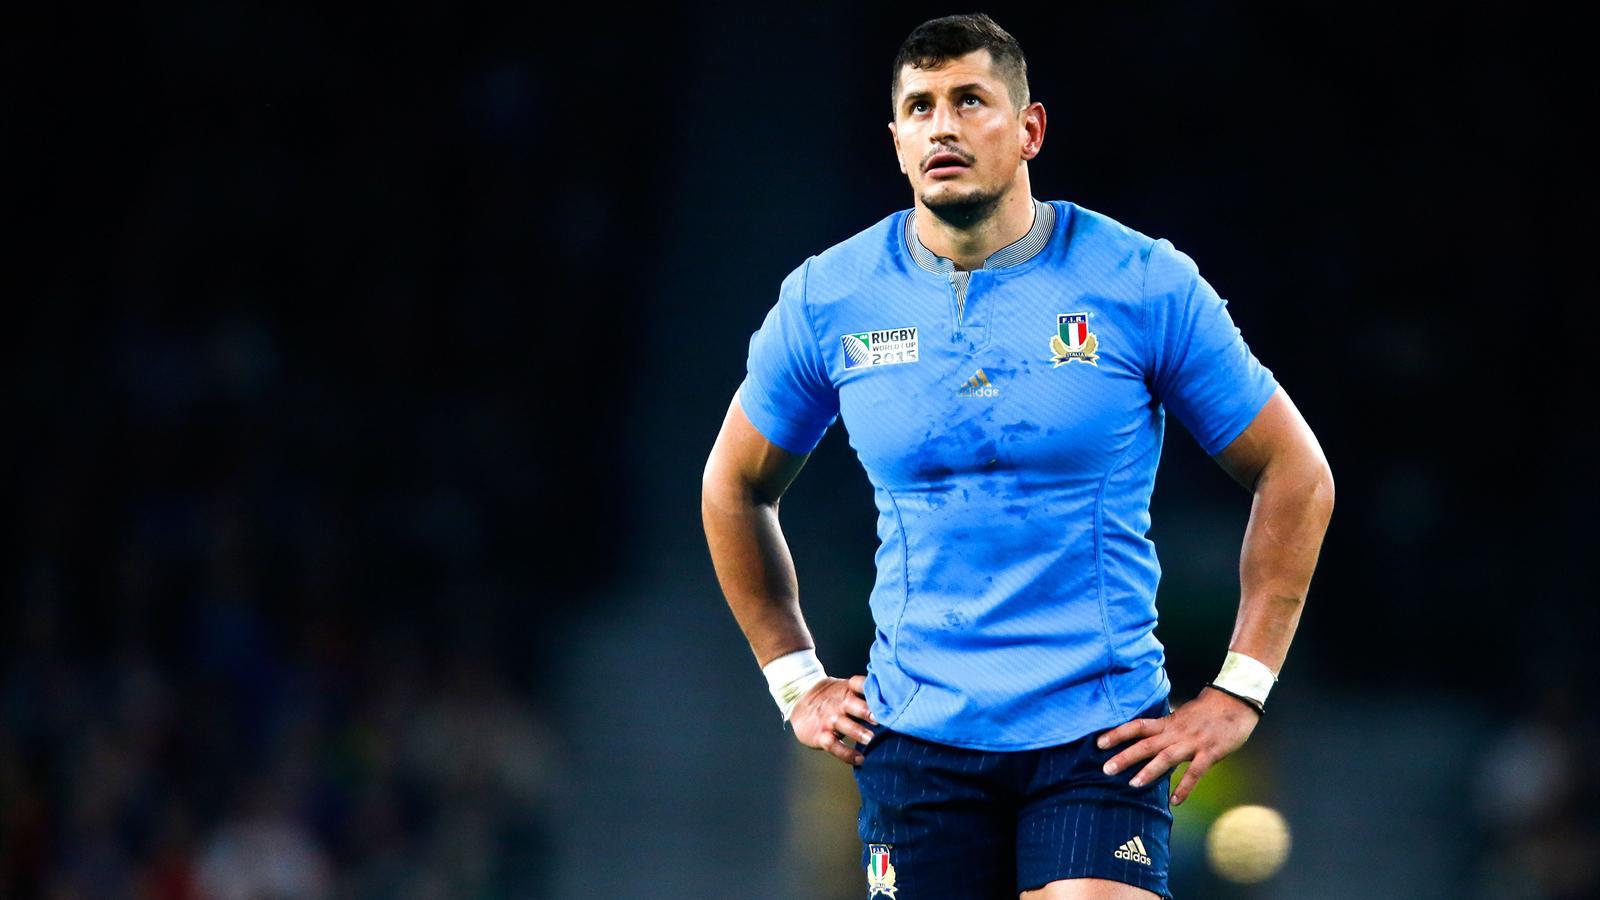 Alessandro Zanni - France-Italie - 19 septembre 2015